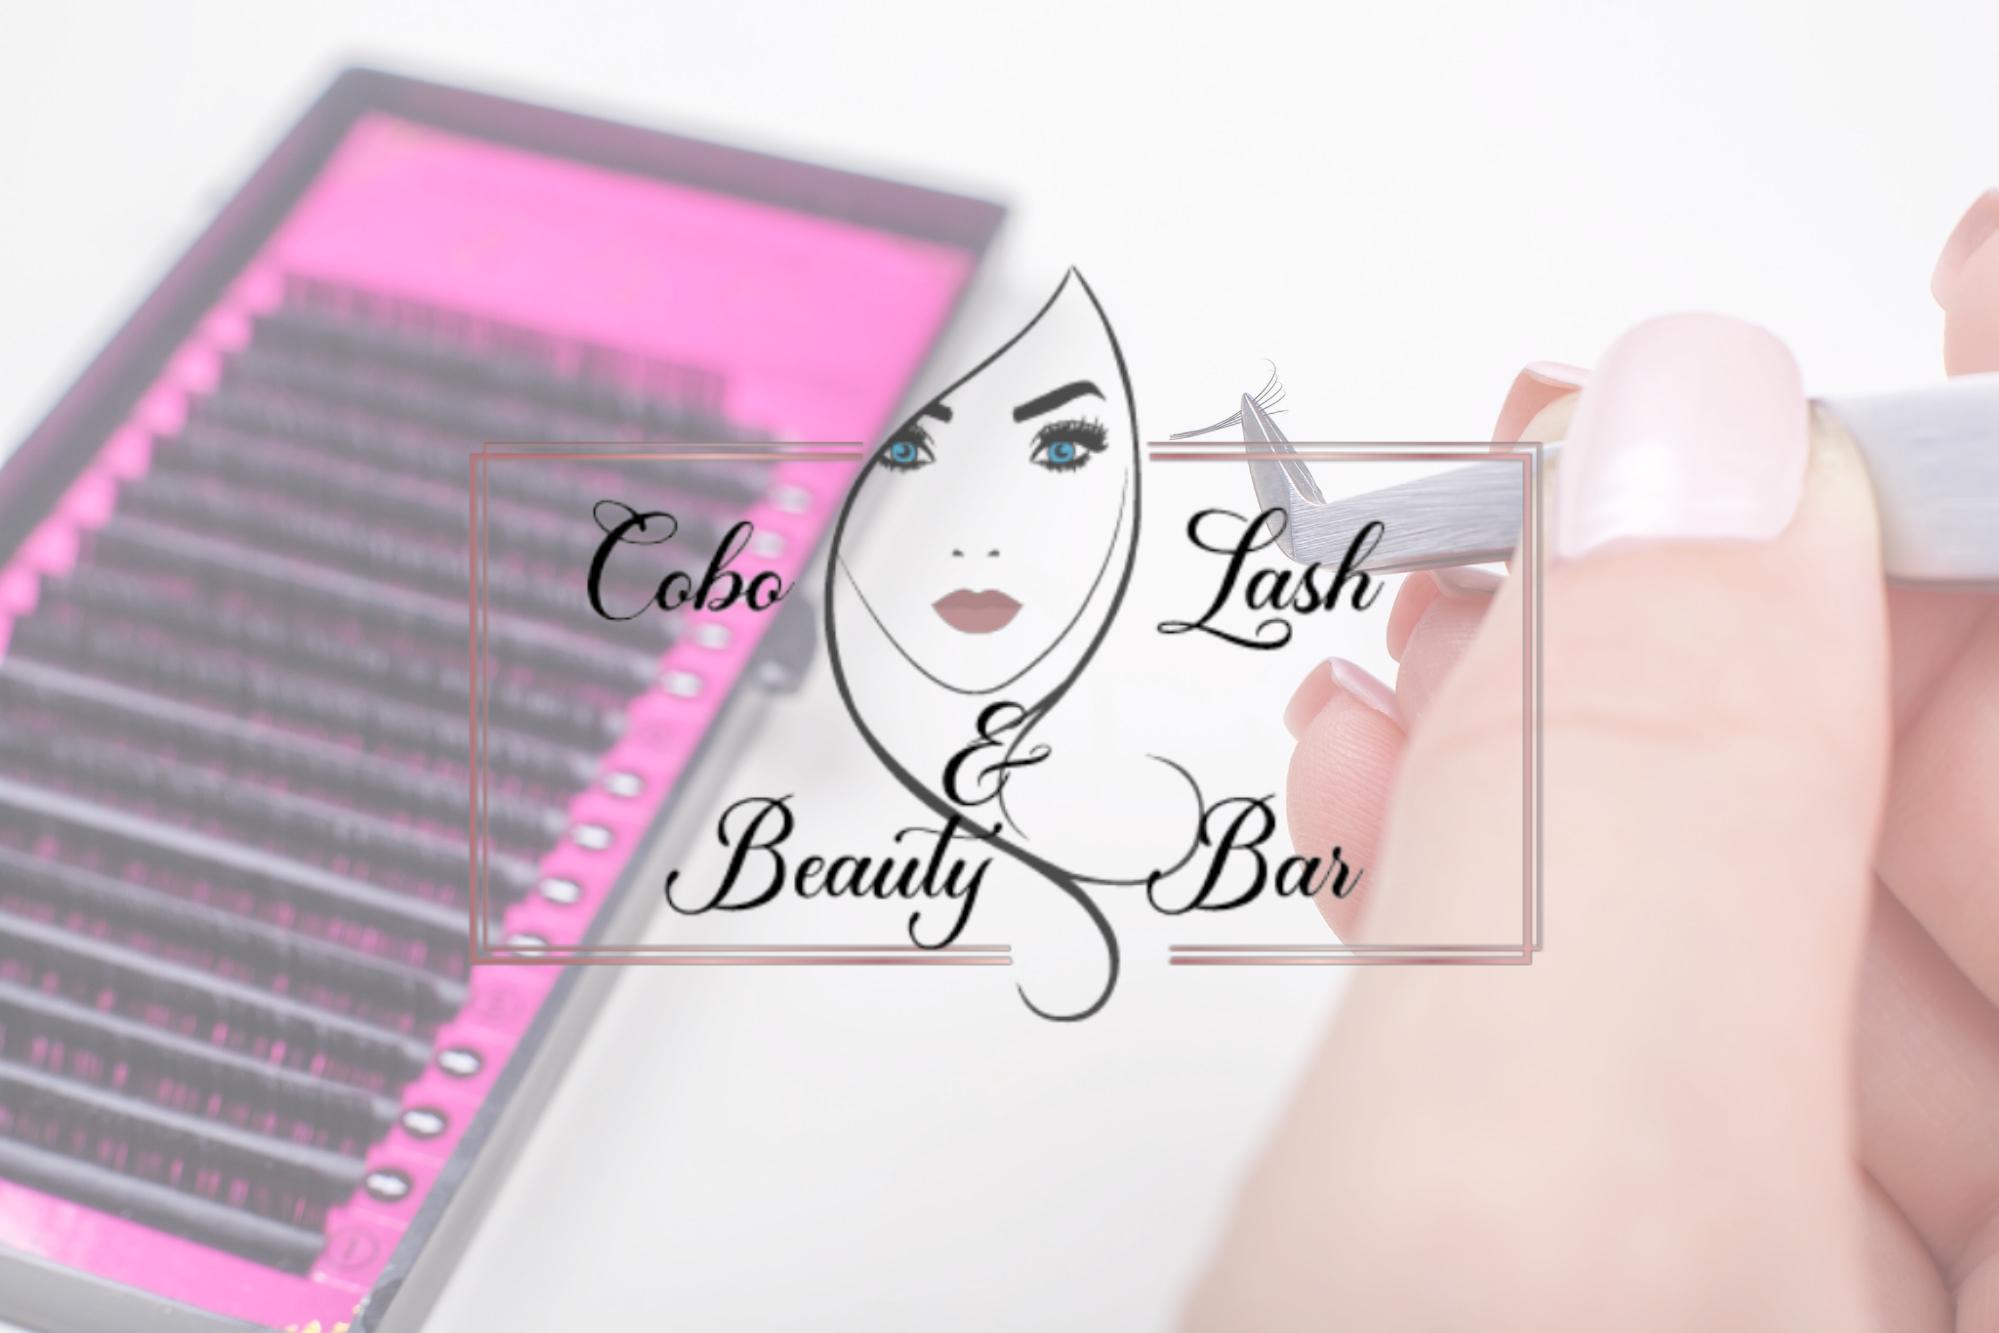 Cobo Lash & Beauty Bar